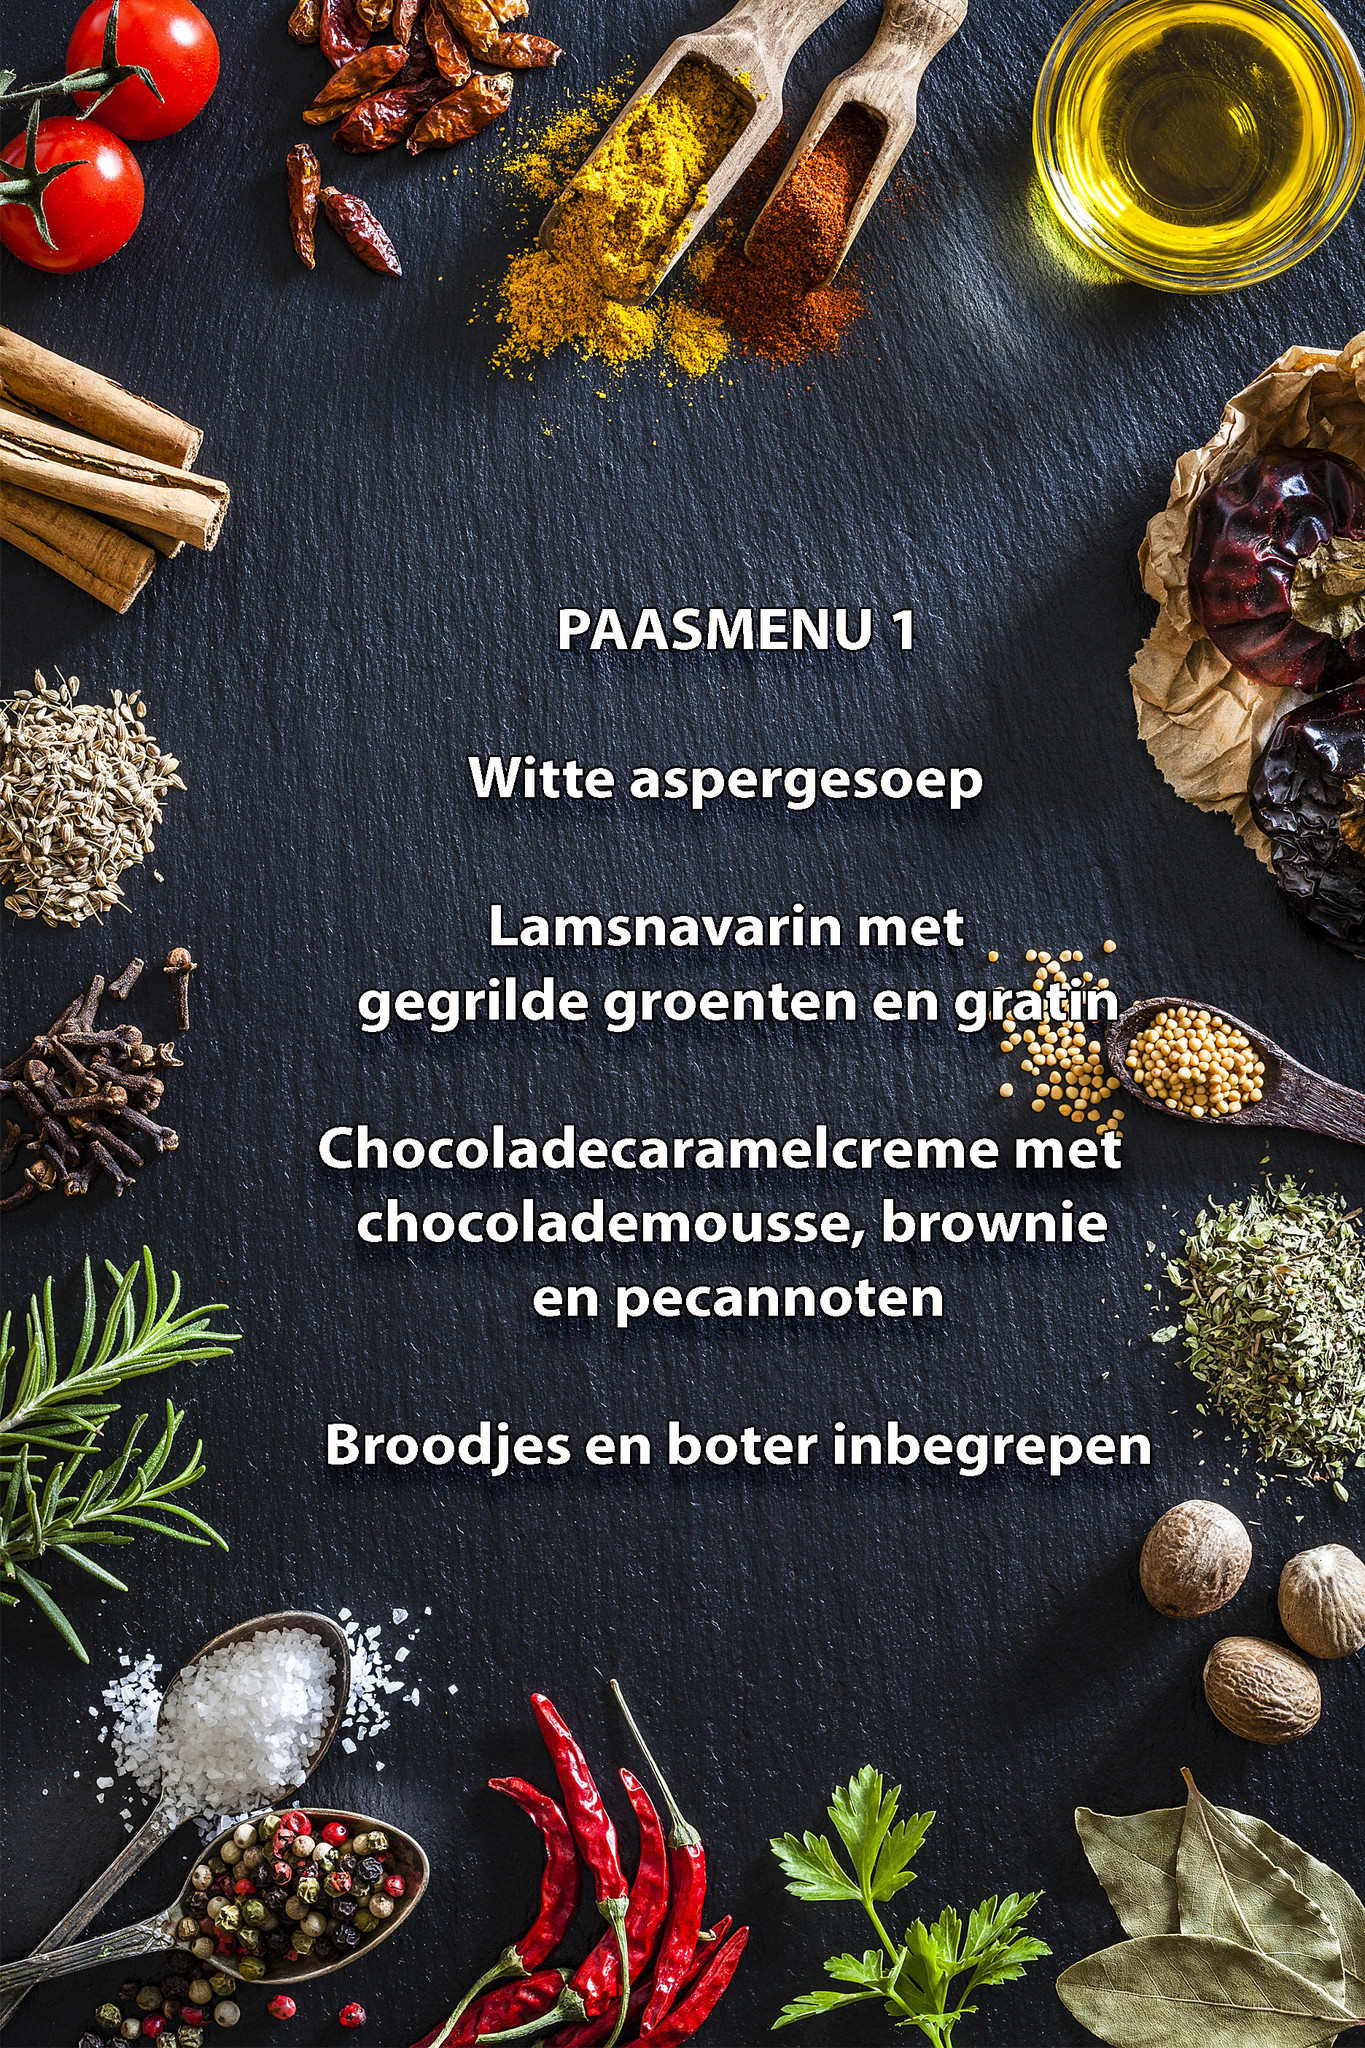 Paas menu 1-1